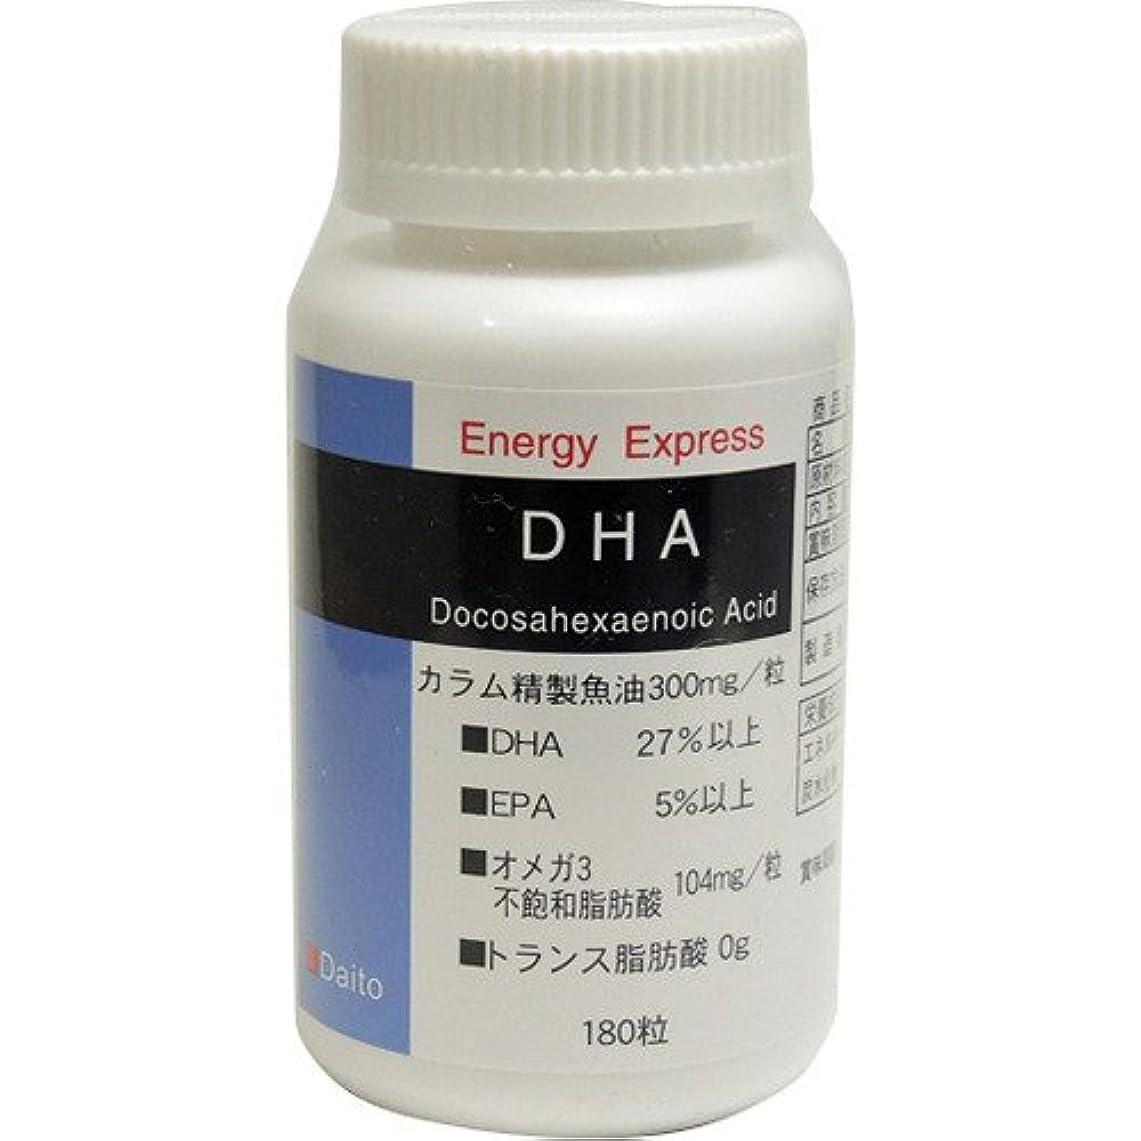 カストディアンガロン黒板ダイトー水産 エナジーエキスプレス DHA 445mg×180粒入り